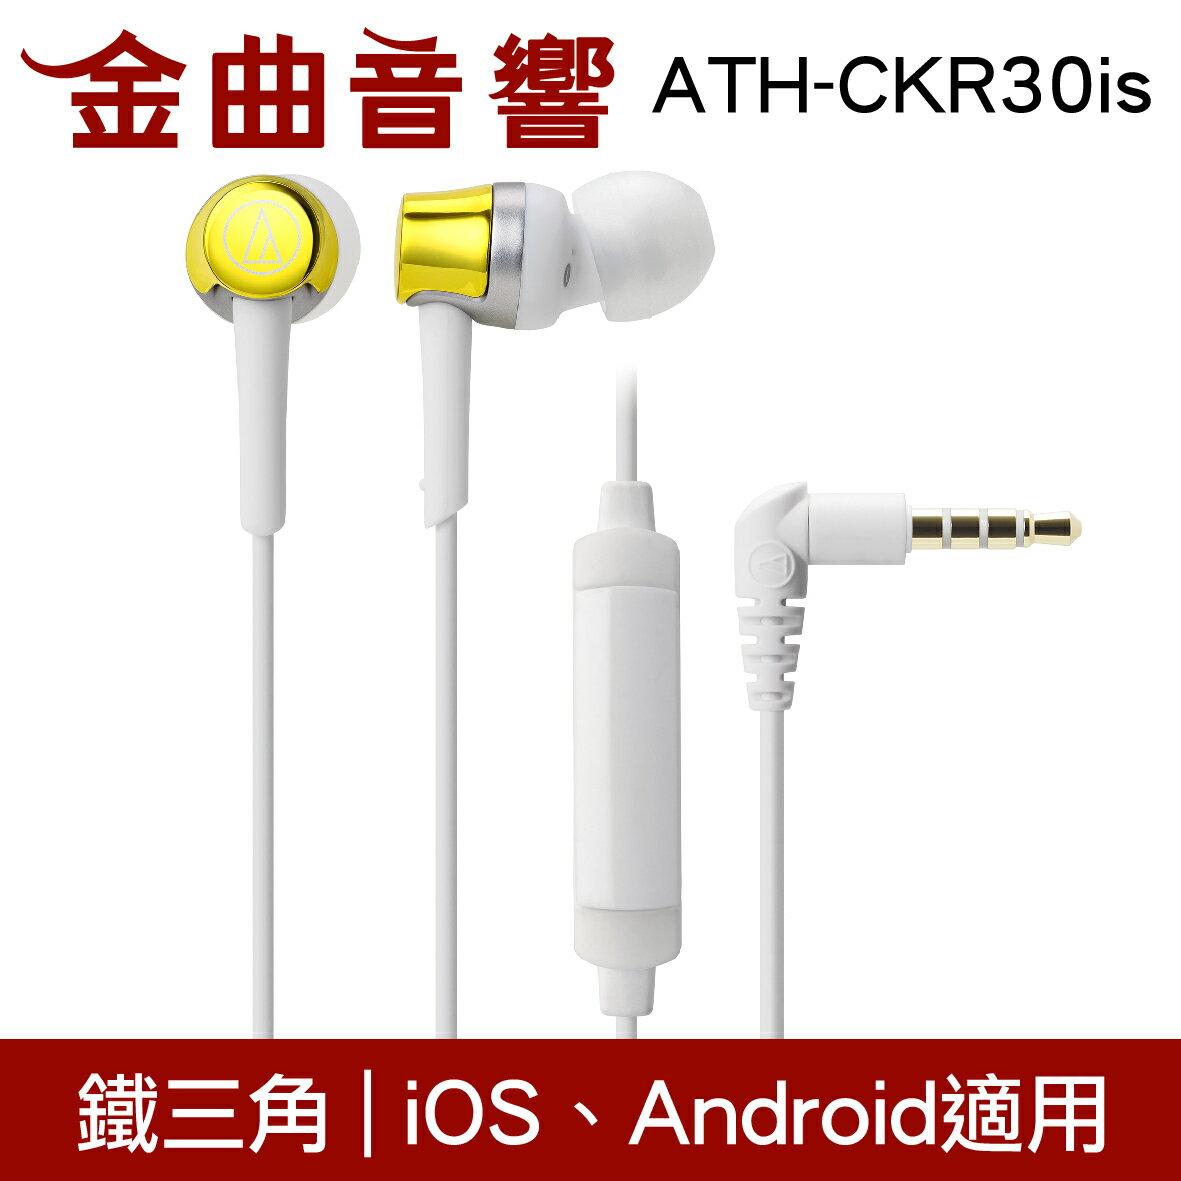 鐵三角 ATH-CKR30is 多色可選 線控耳道式耳機 ATH-CKR30 IOS 安卓適用   金曲音響